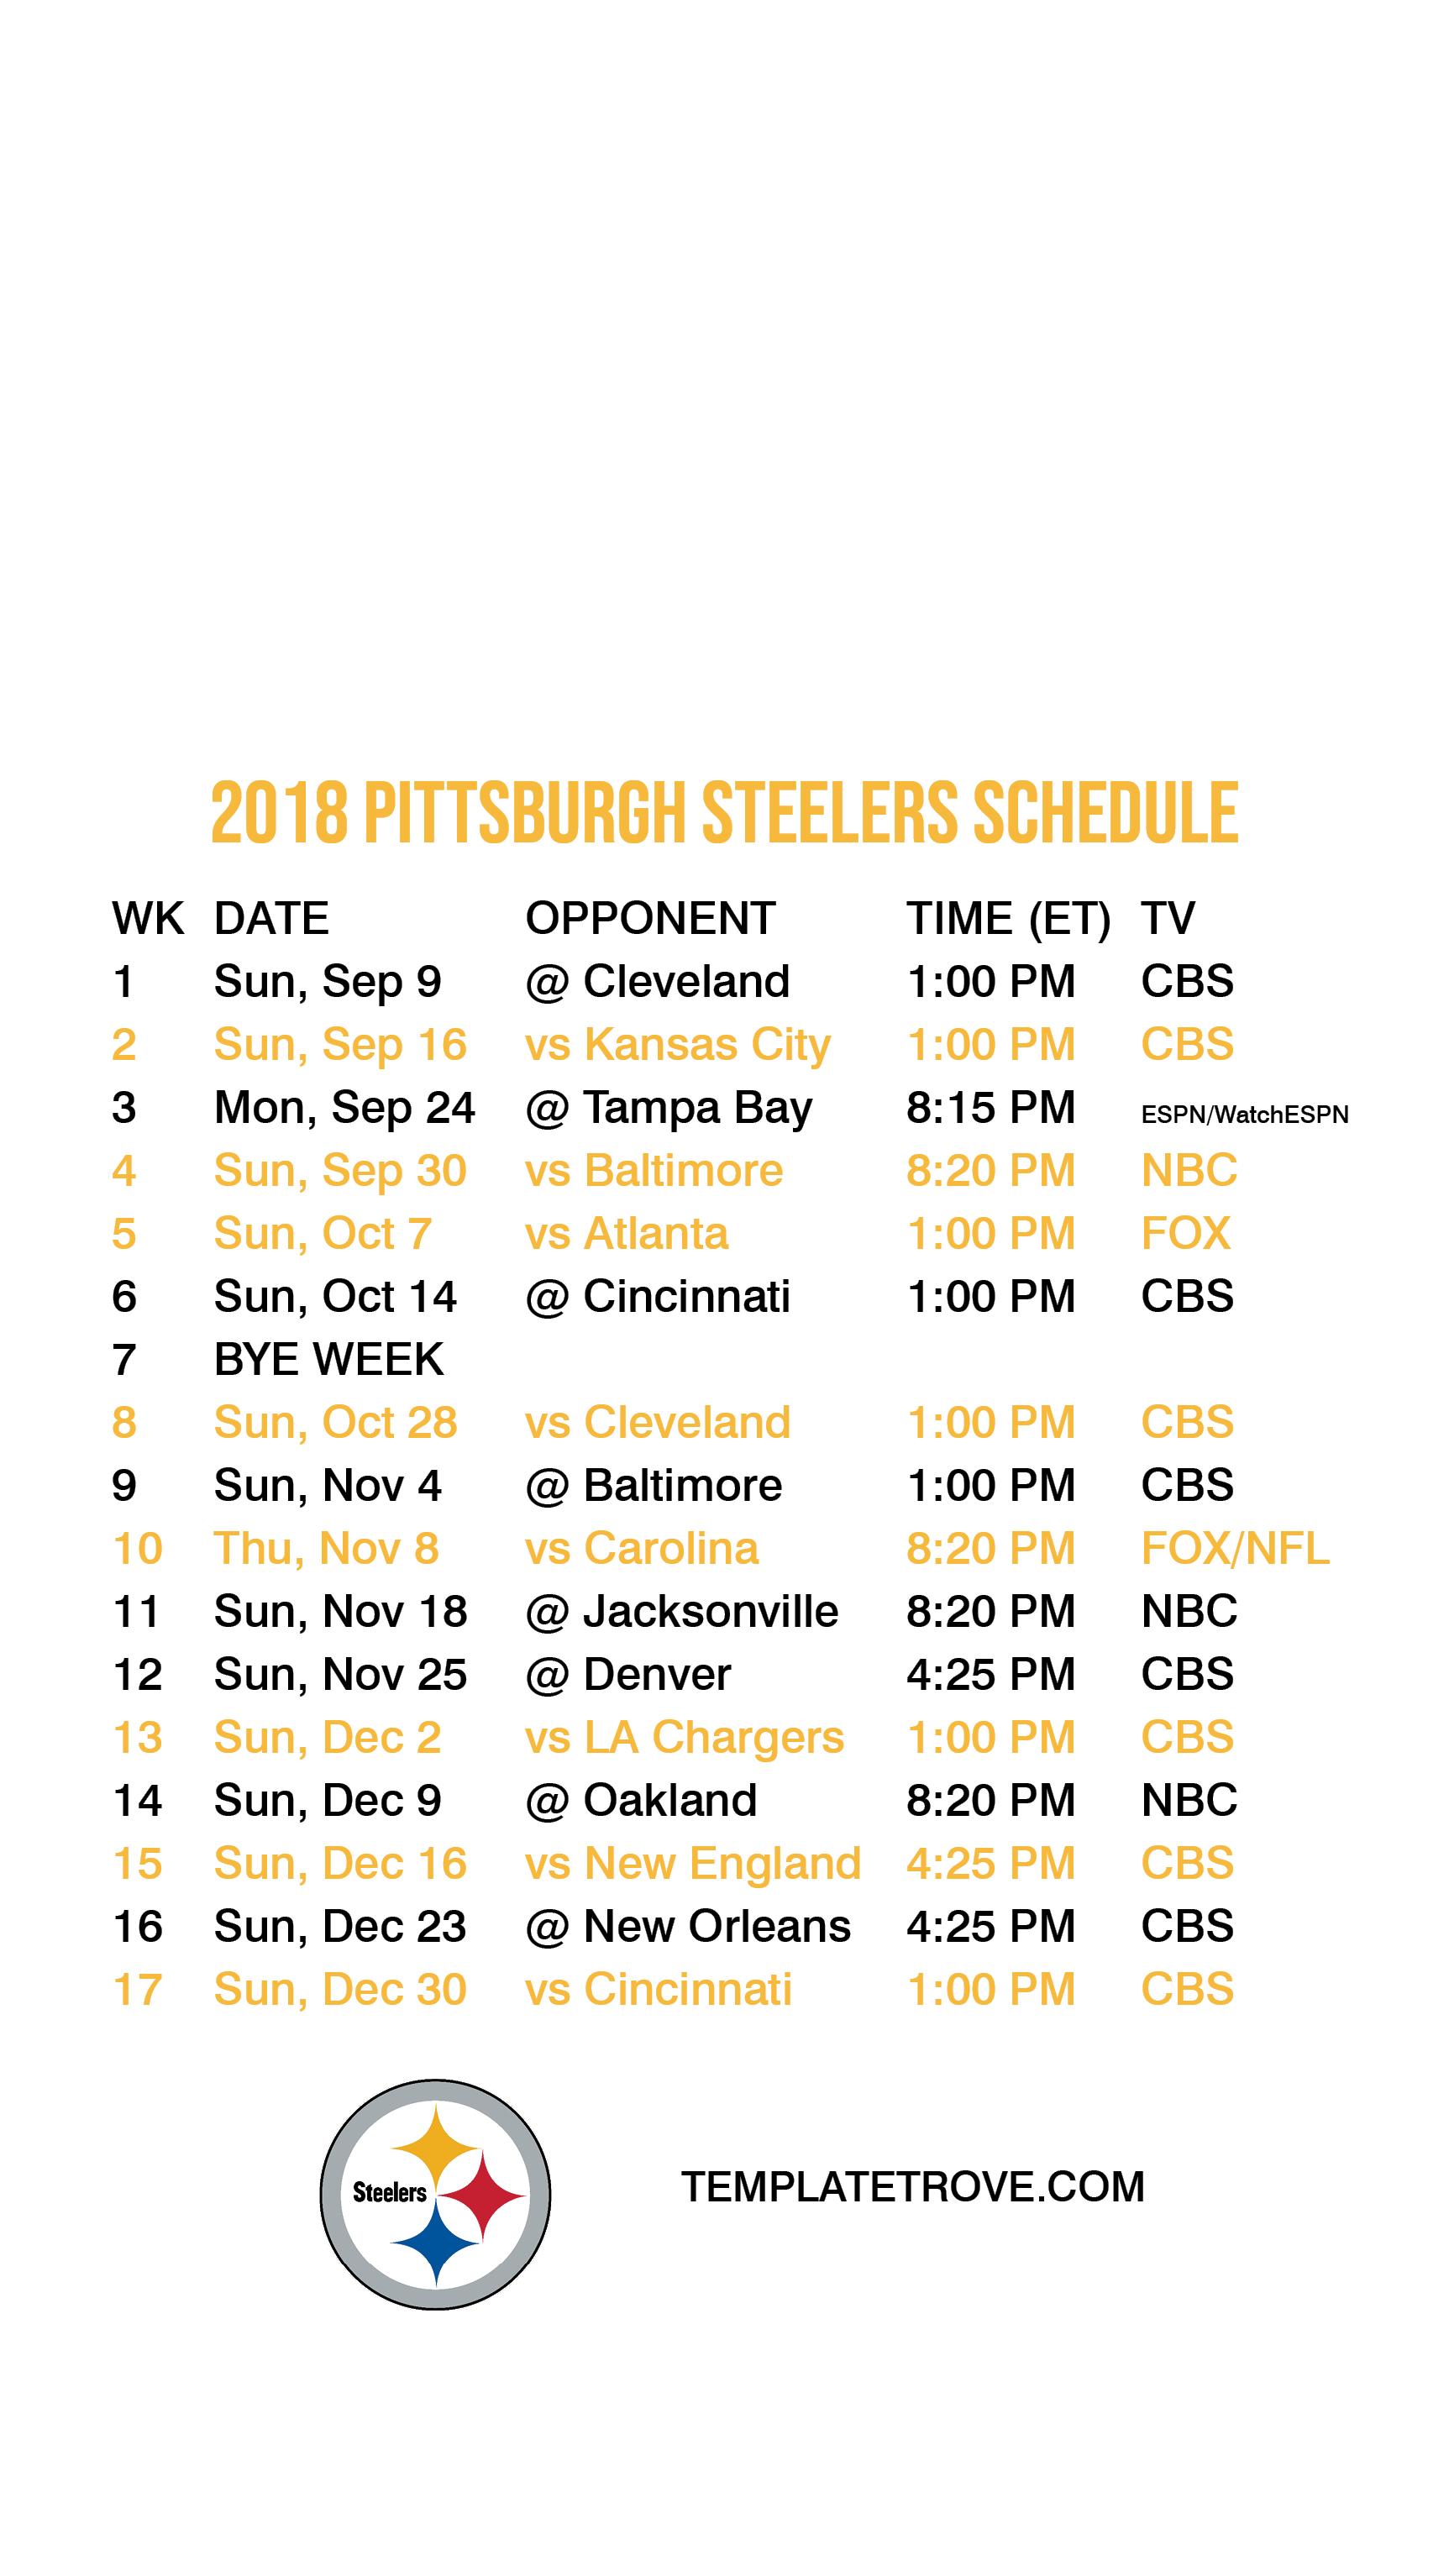 image regarding Pittsburgh Steelers Printable Schedule named 2018-2019 Pittsburgh Steelers Lock Display screen Plan for